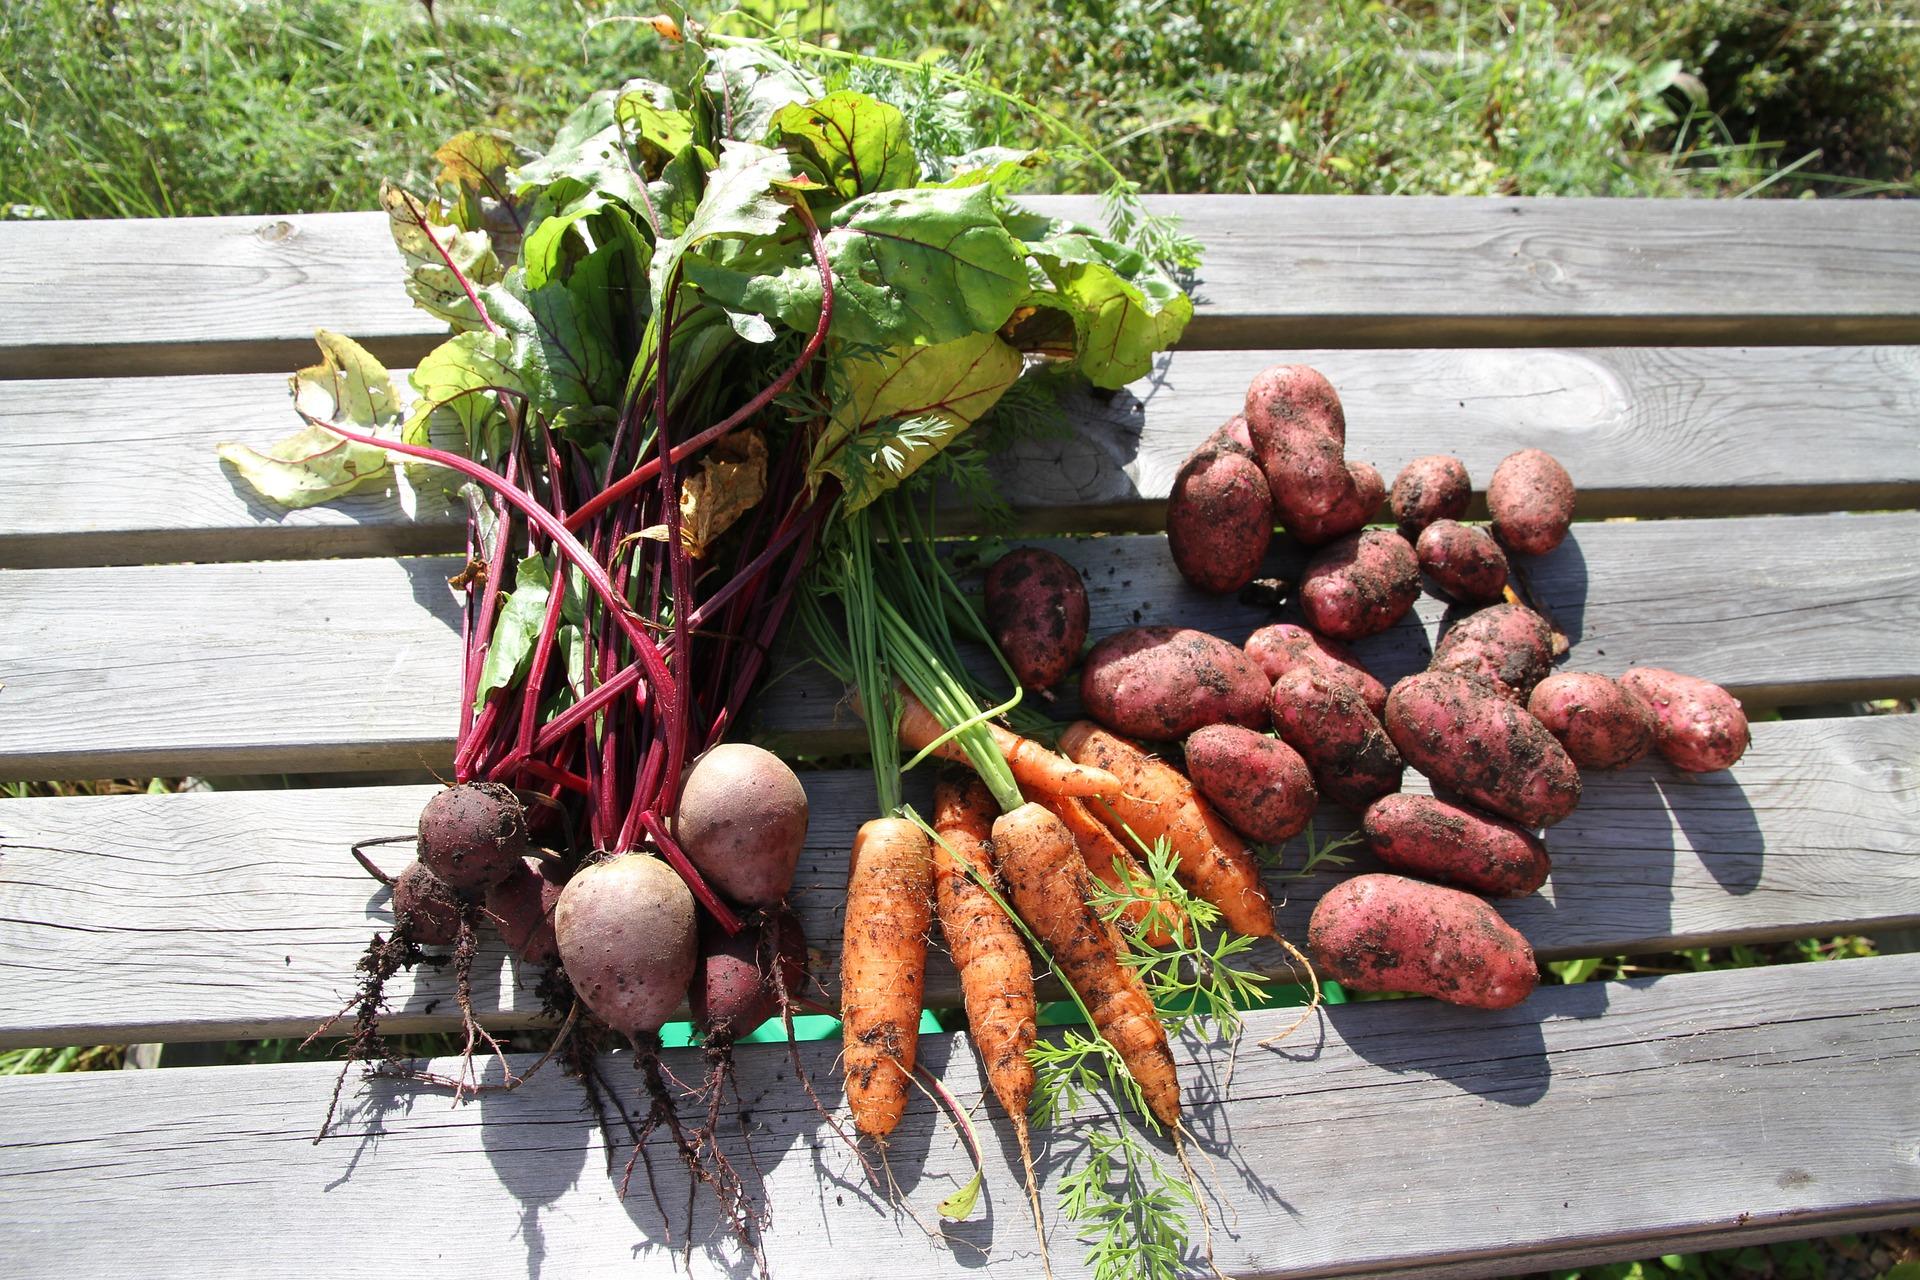 Gemüse Frisch.jpg